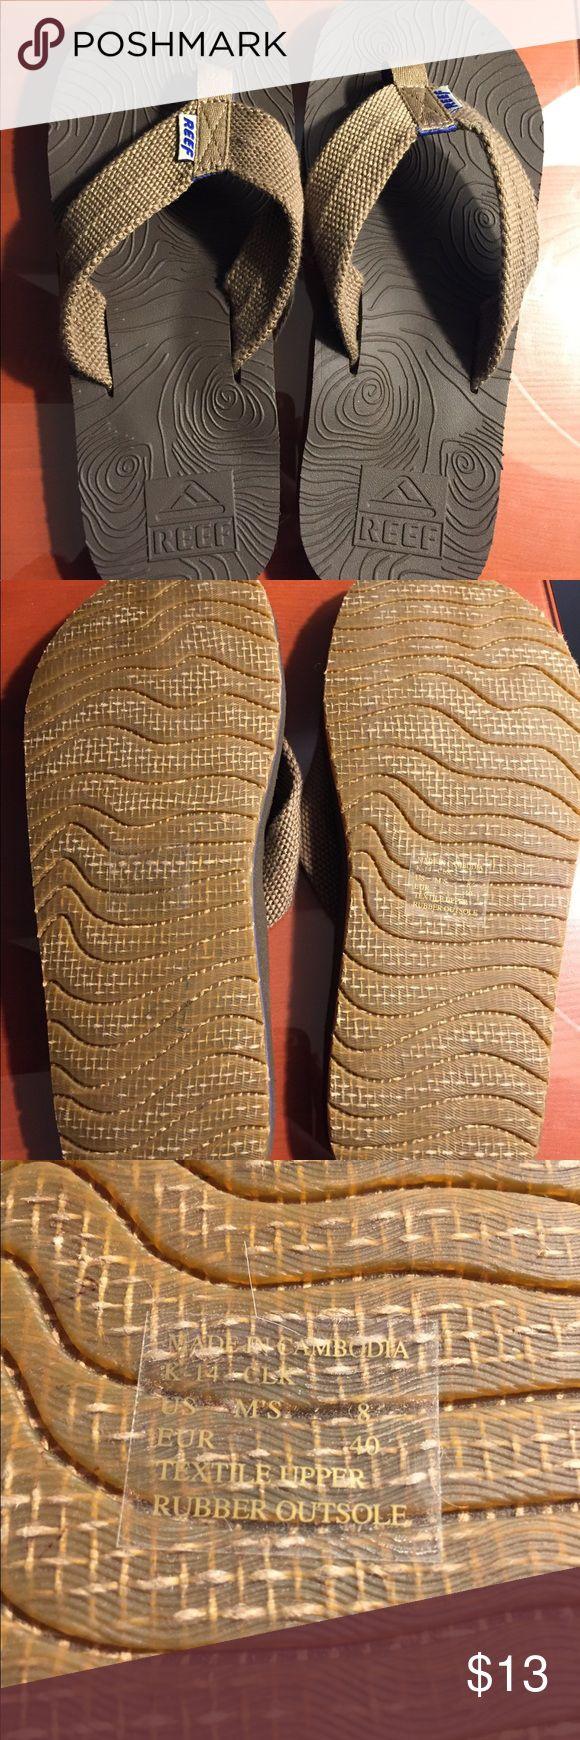 Unworn Reef flip flops NWOT, unworn, men's size 8 brown Reef flip flops Reef Shoes Sandals & Flip-Flops